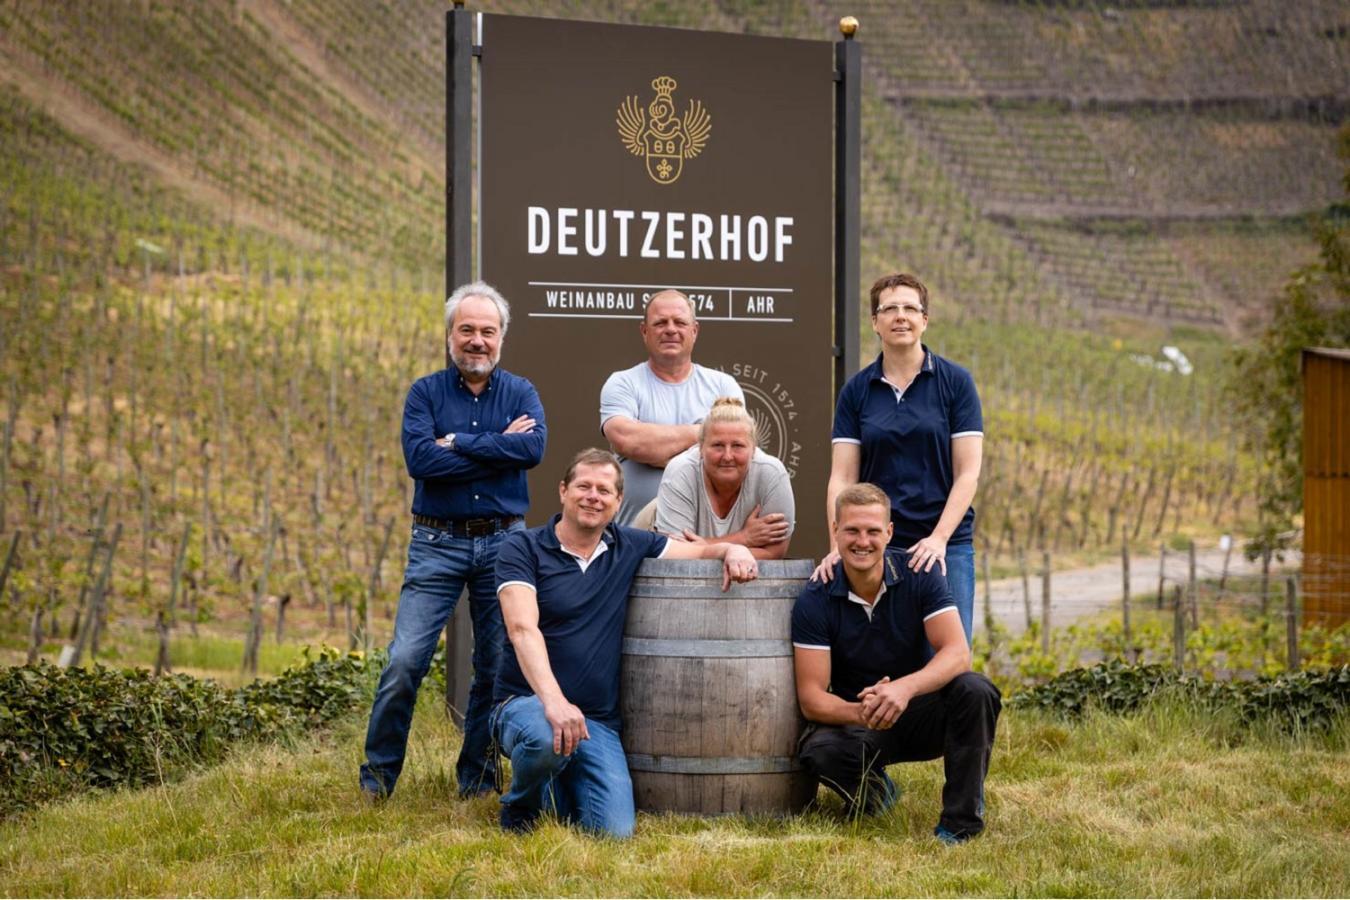 Weingut Deutzerhof Team